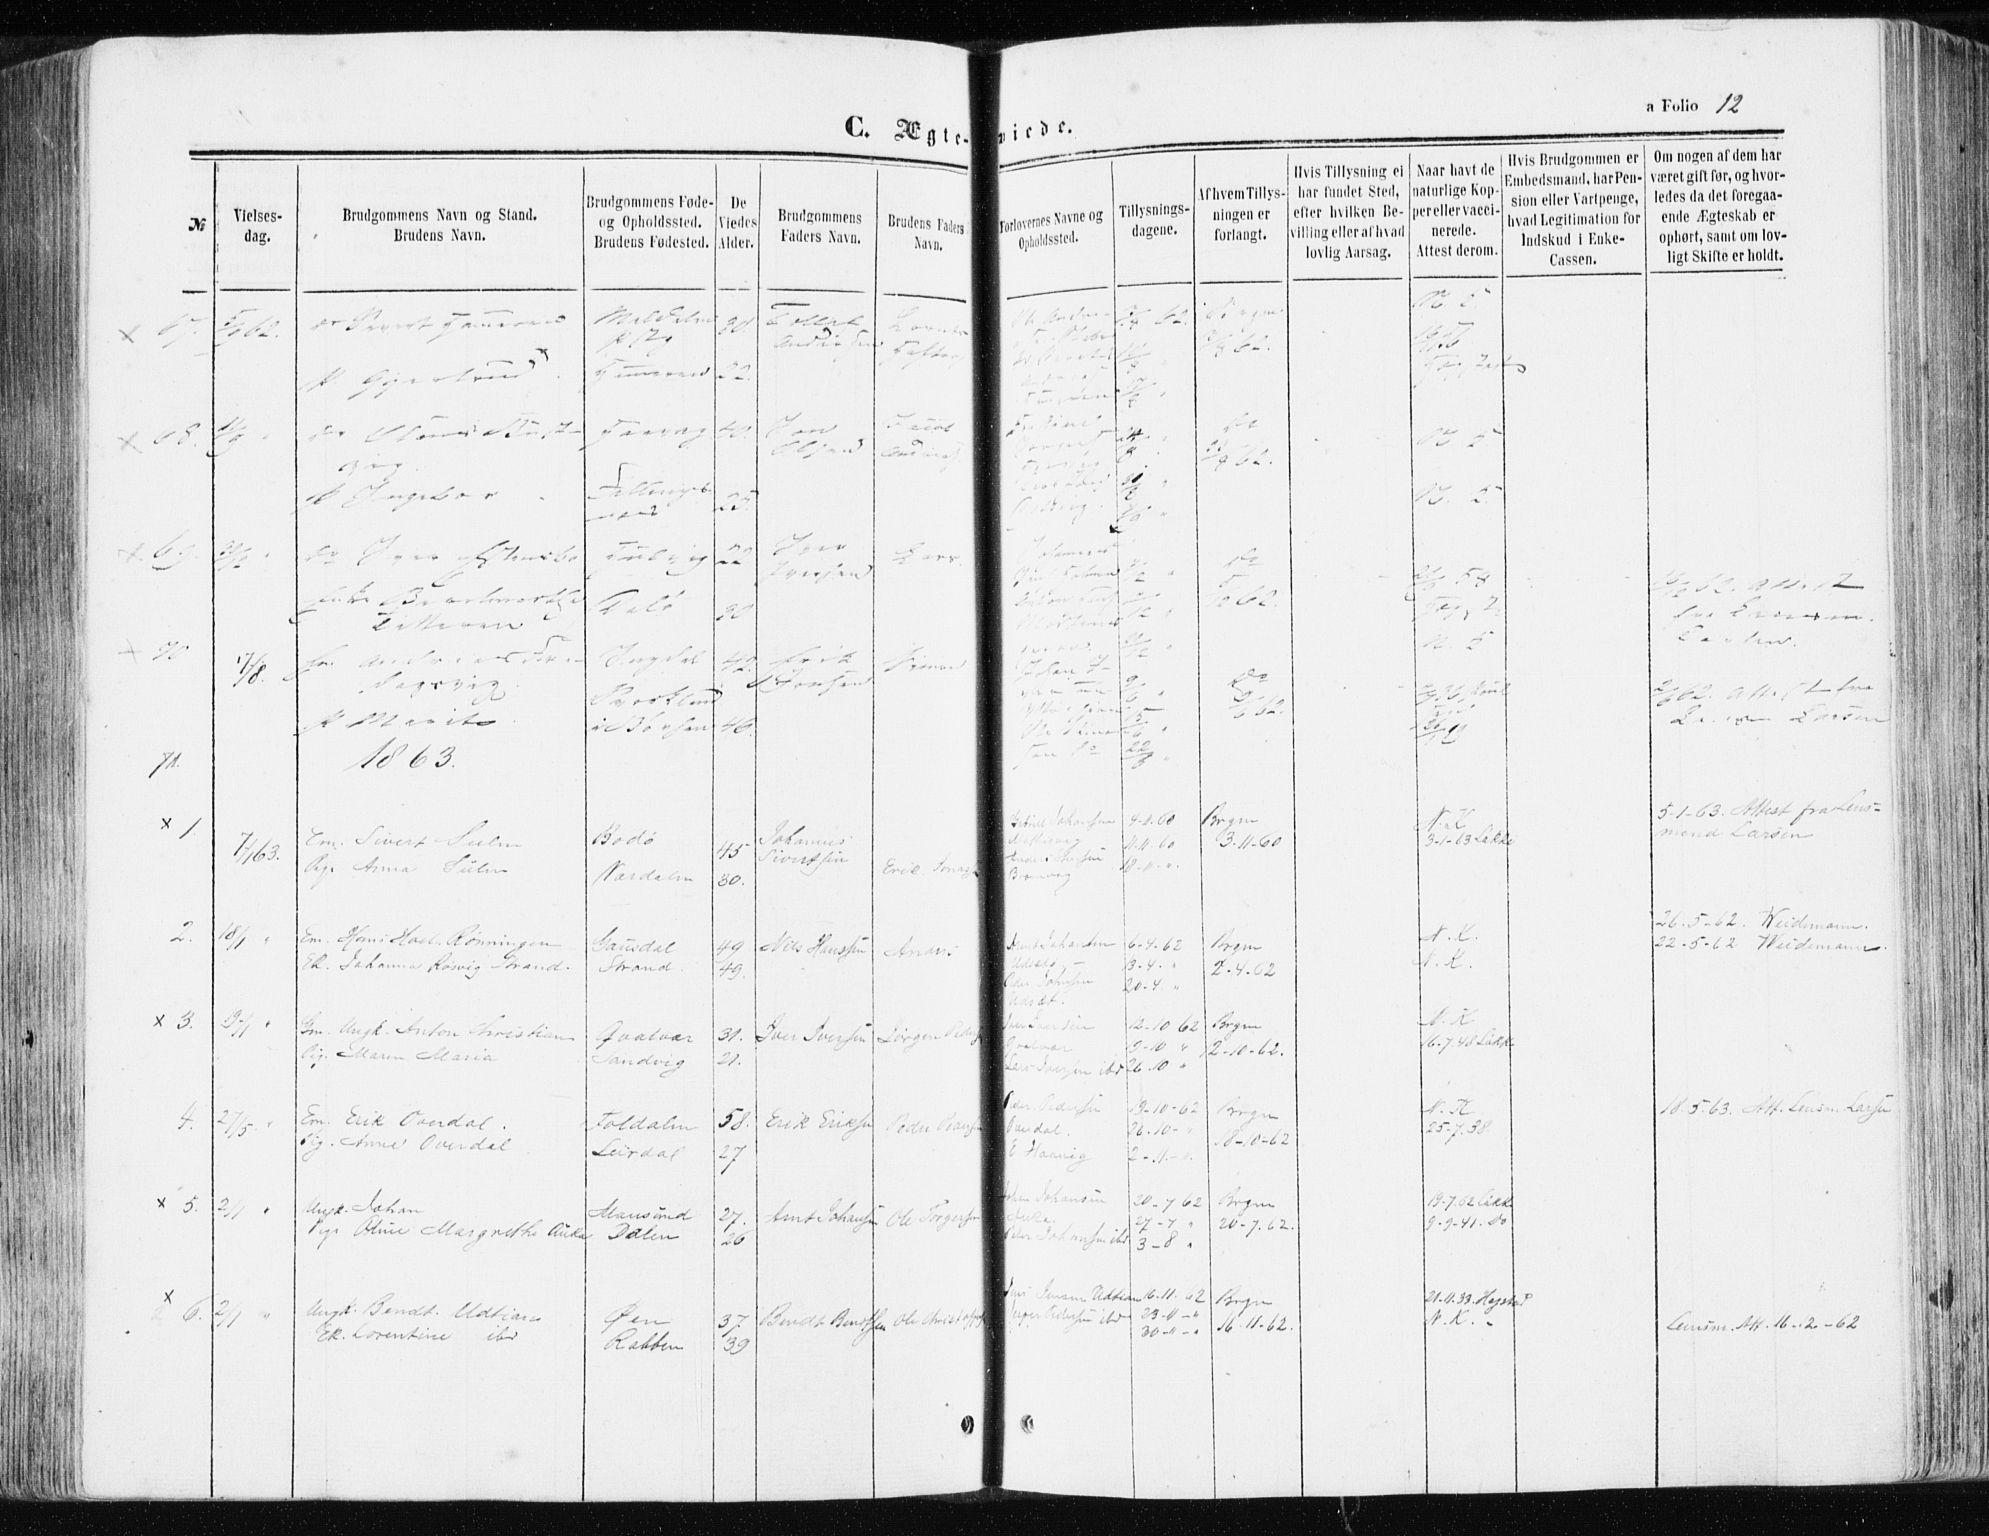 SAT, Ministerialprotokoller, klokkerbøker og fødselsregistre - Sør-Trøndelag, 634/L0531: Ministerialbok nr. 634A07, 1861-1870, s. 12